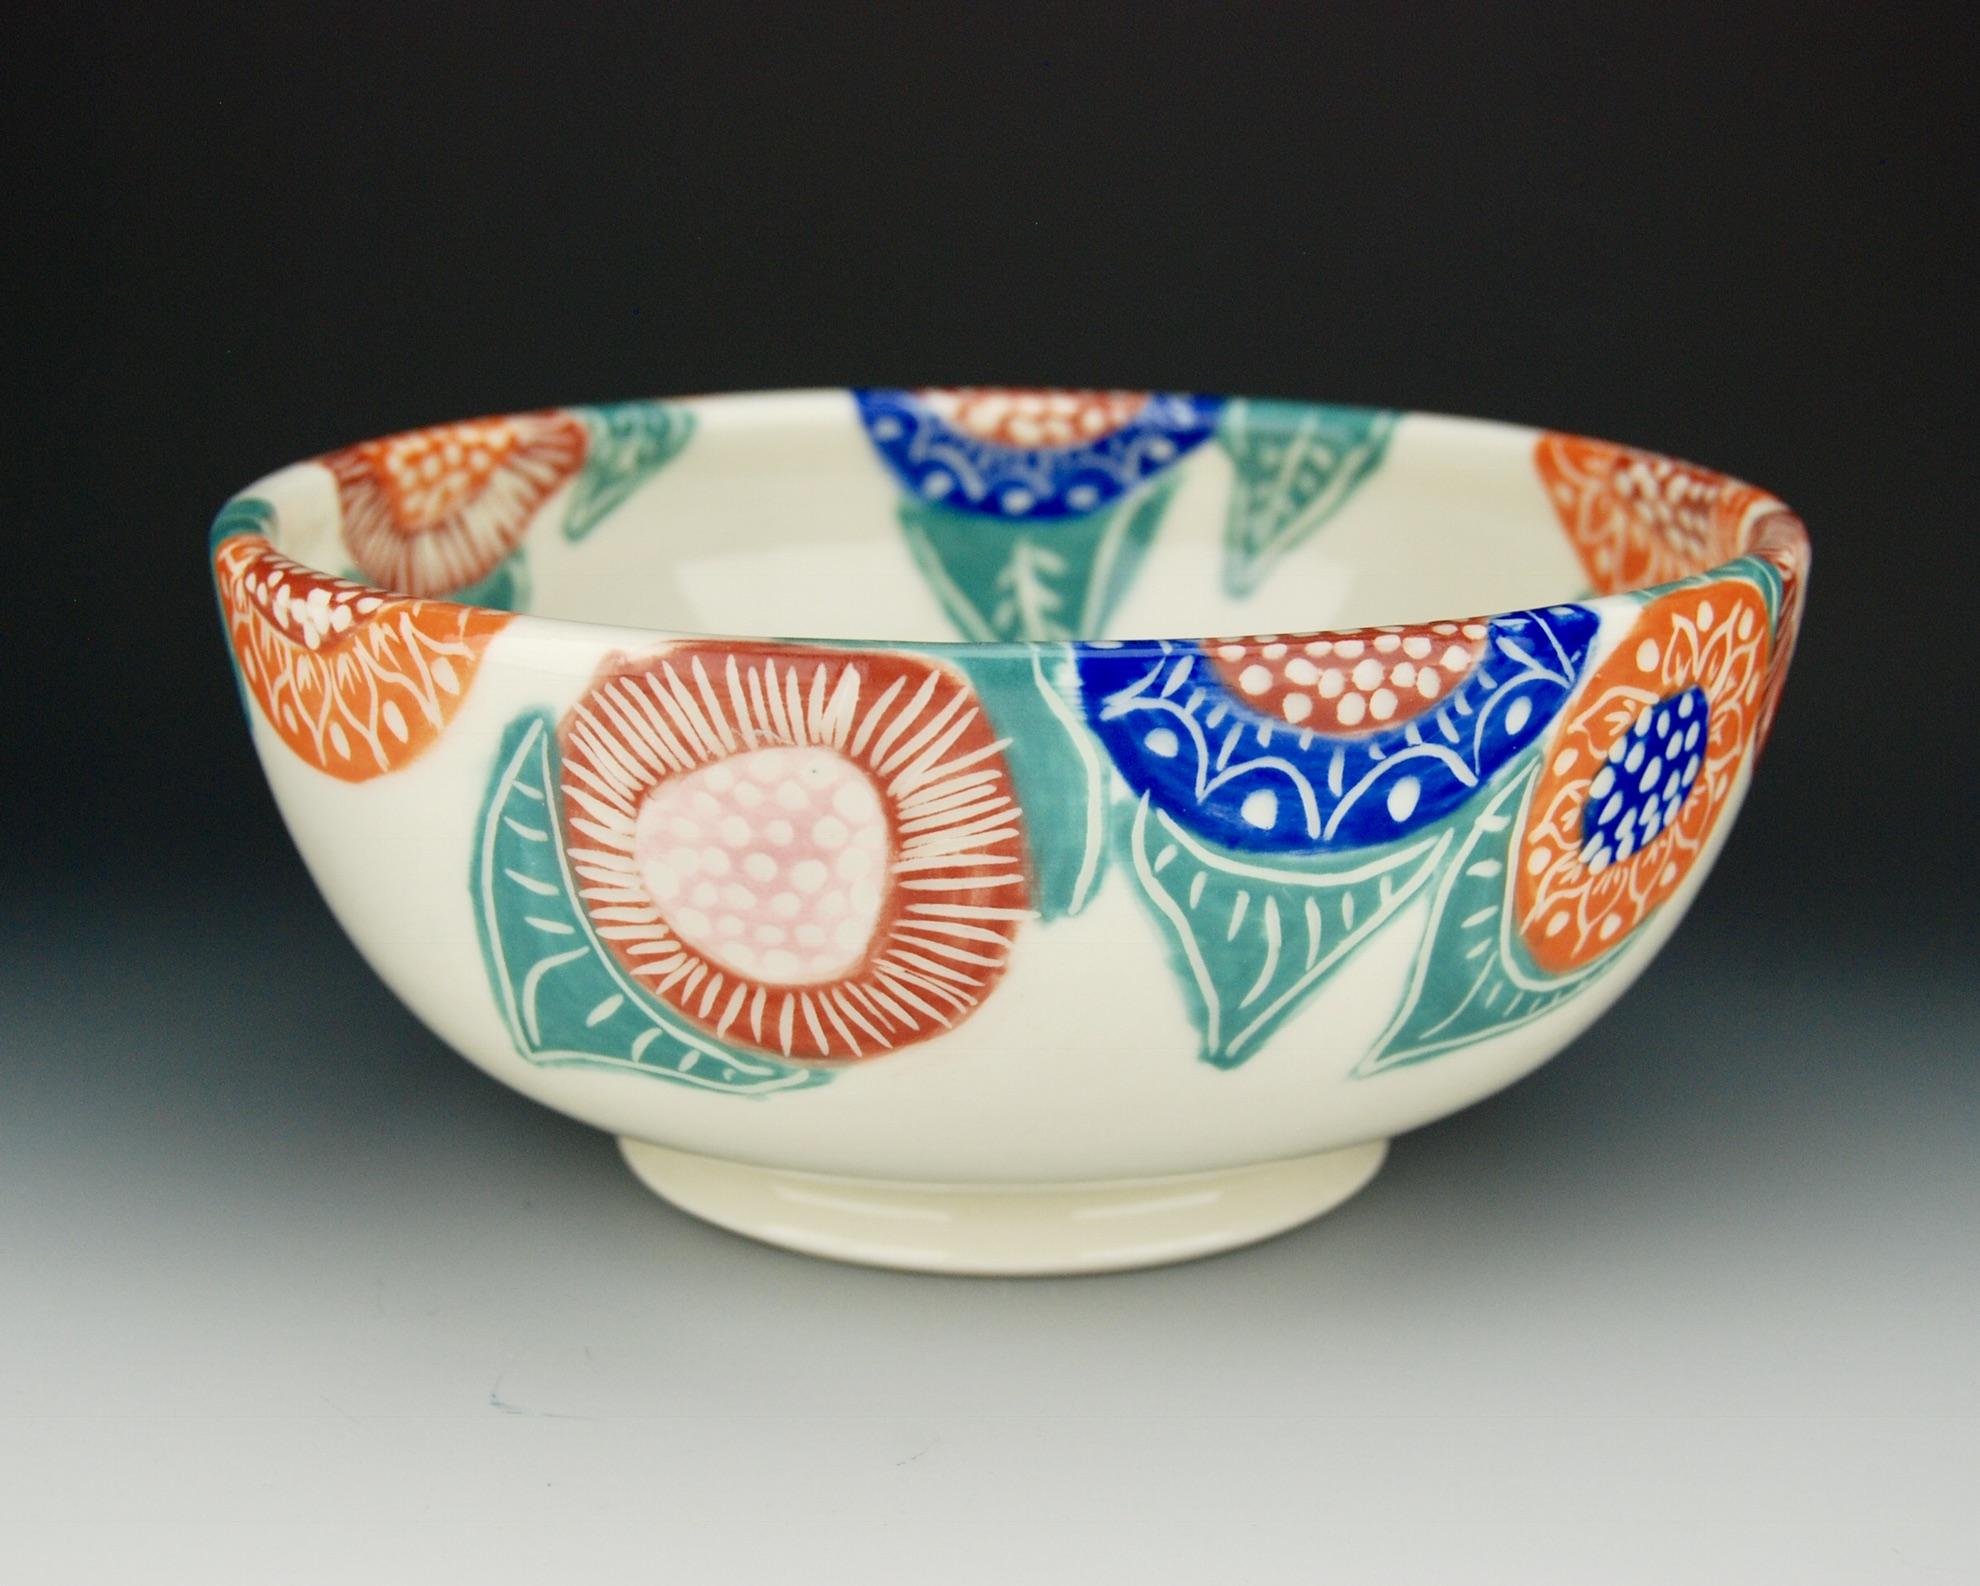 Emily MacFarland Ceramics